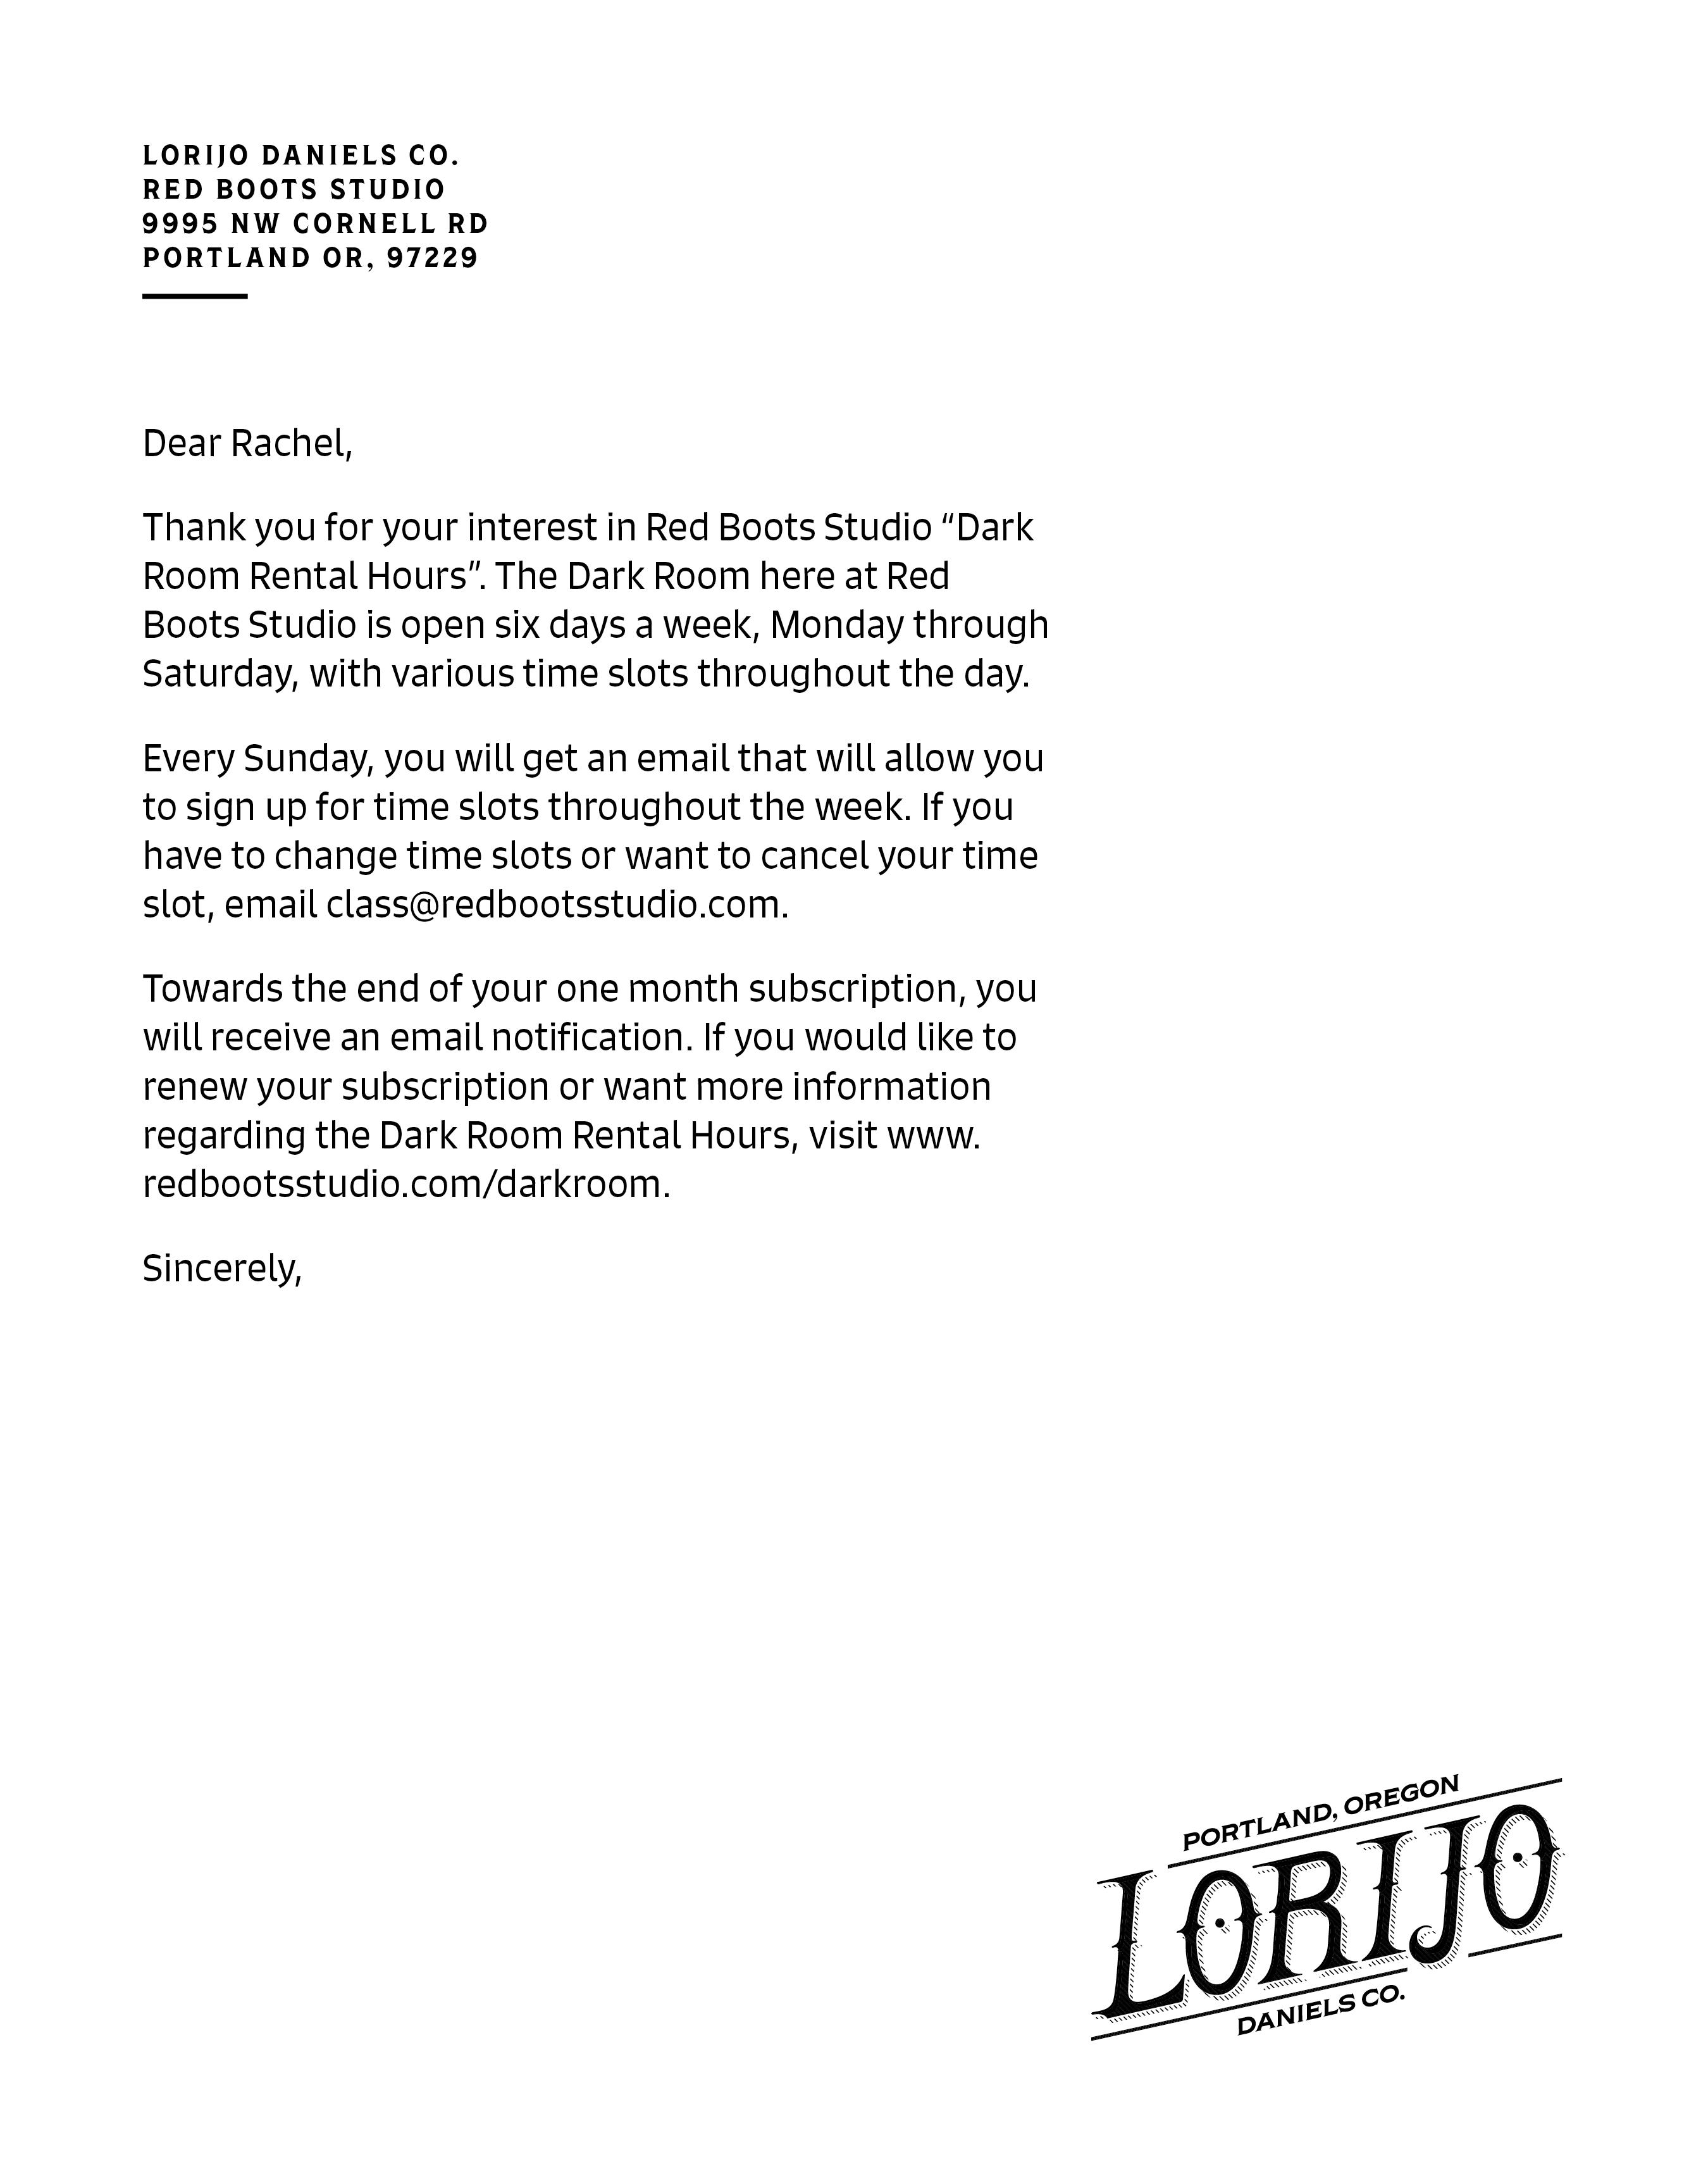 lorijo_letterhead5